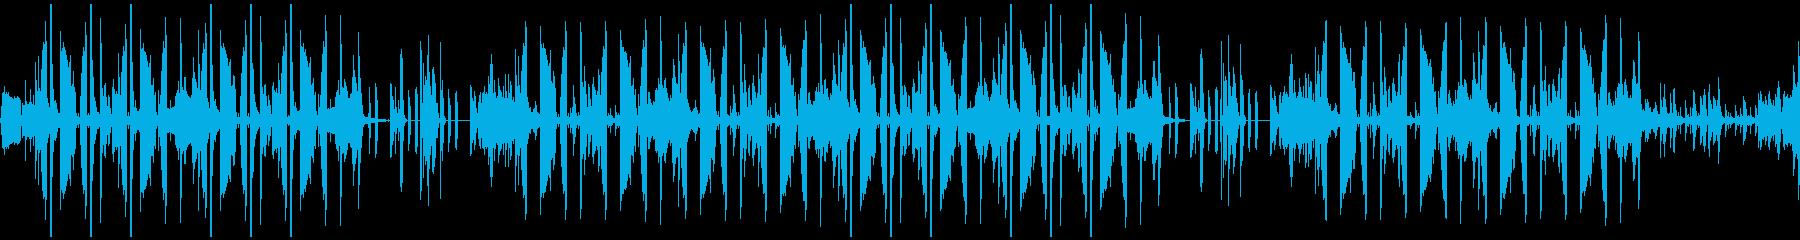 【おしゃれJAZZ/バー/ラウンジ】の再生済みの波形